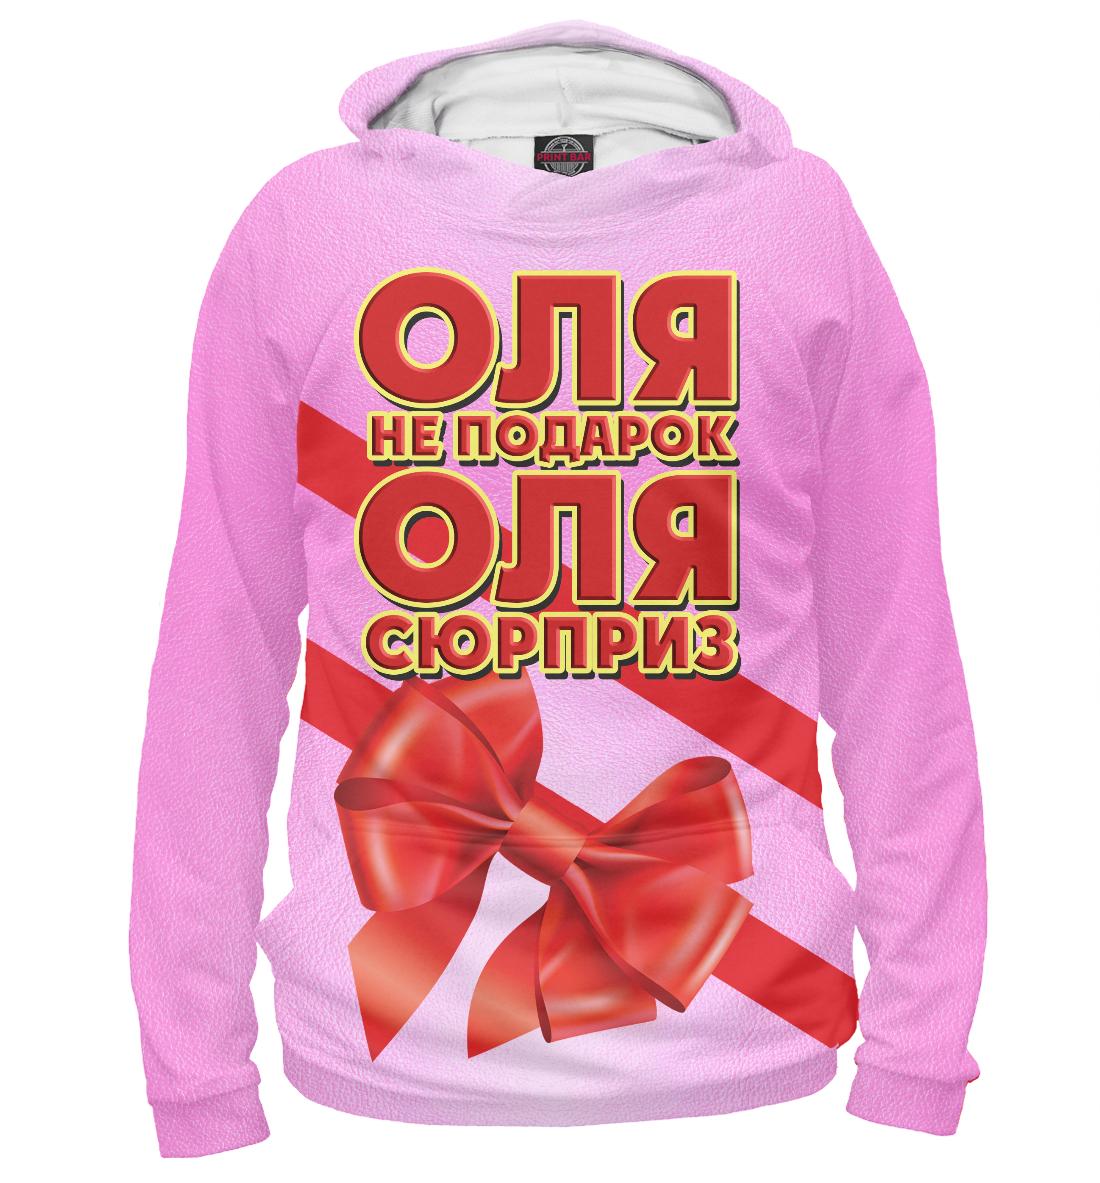 Купить Оля не подарок, Printbar, Худи, IMR-593978-hud-2